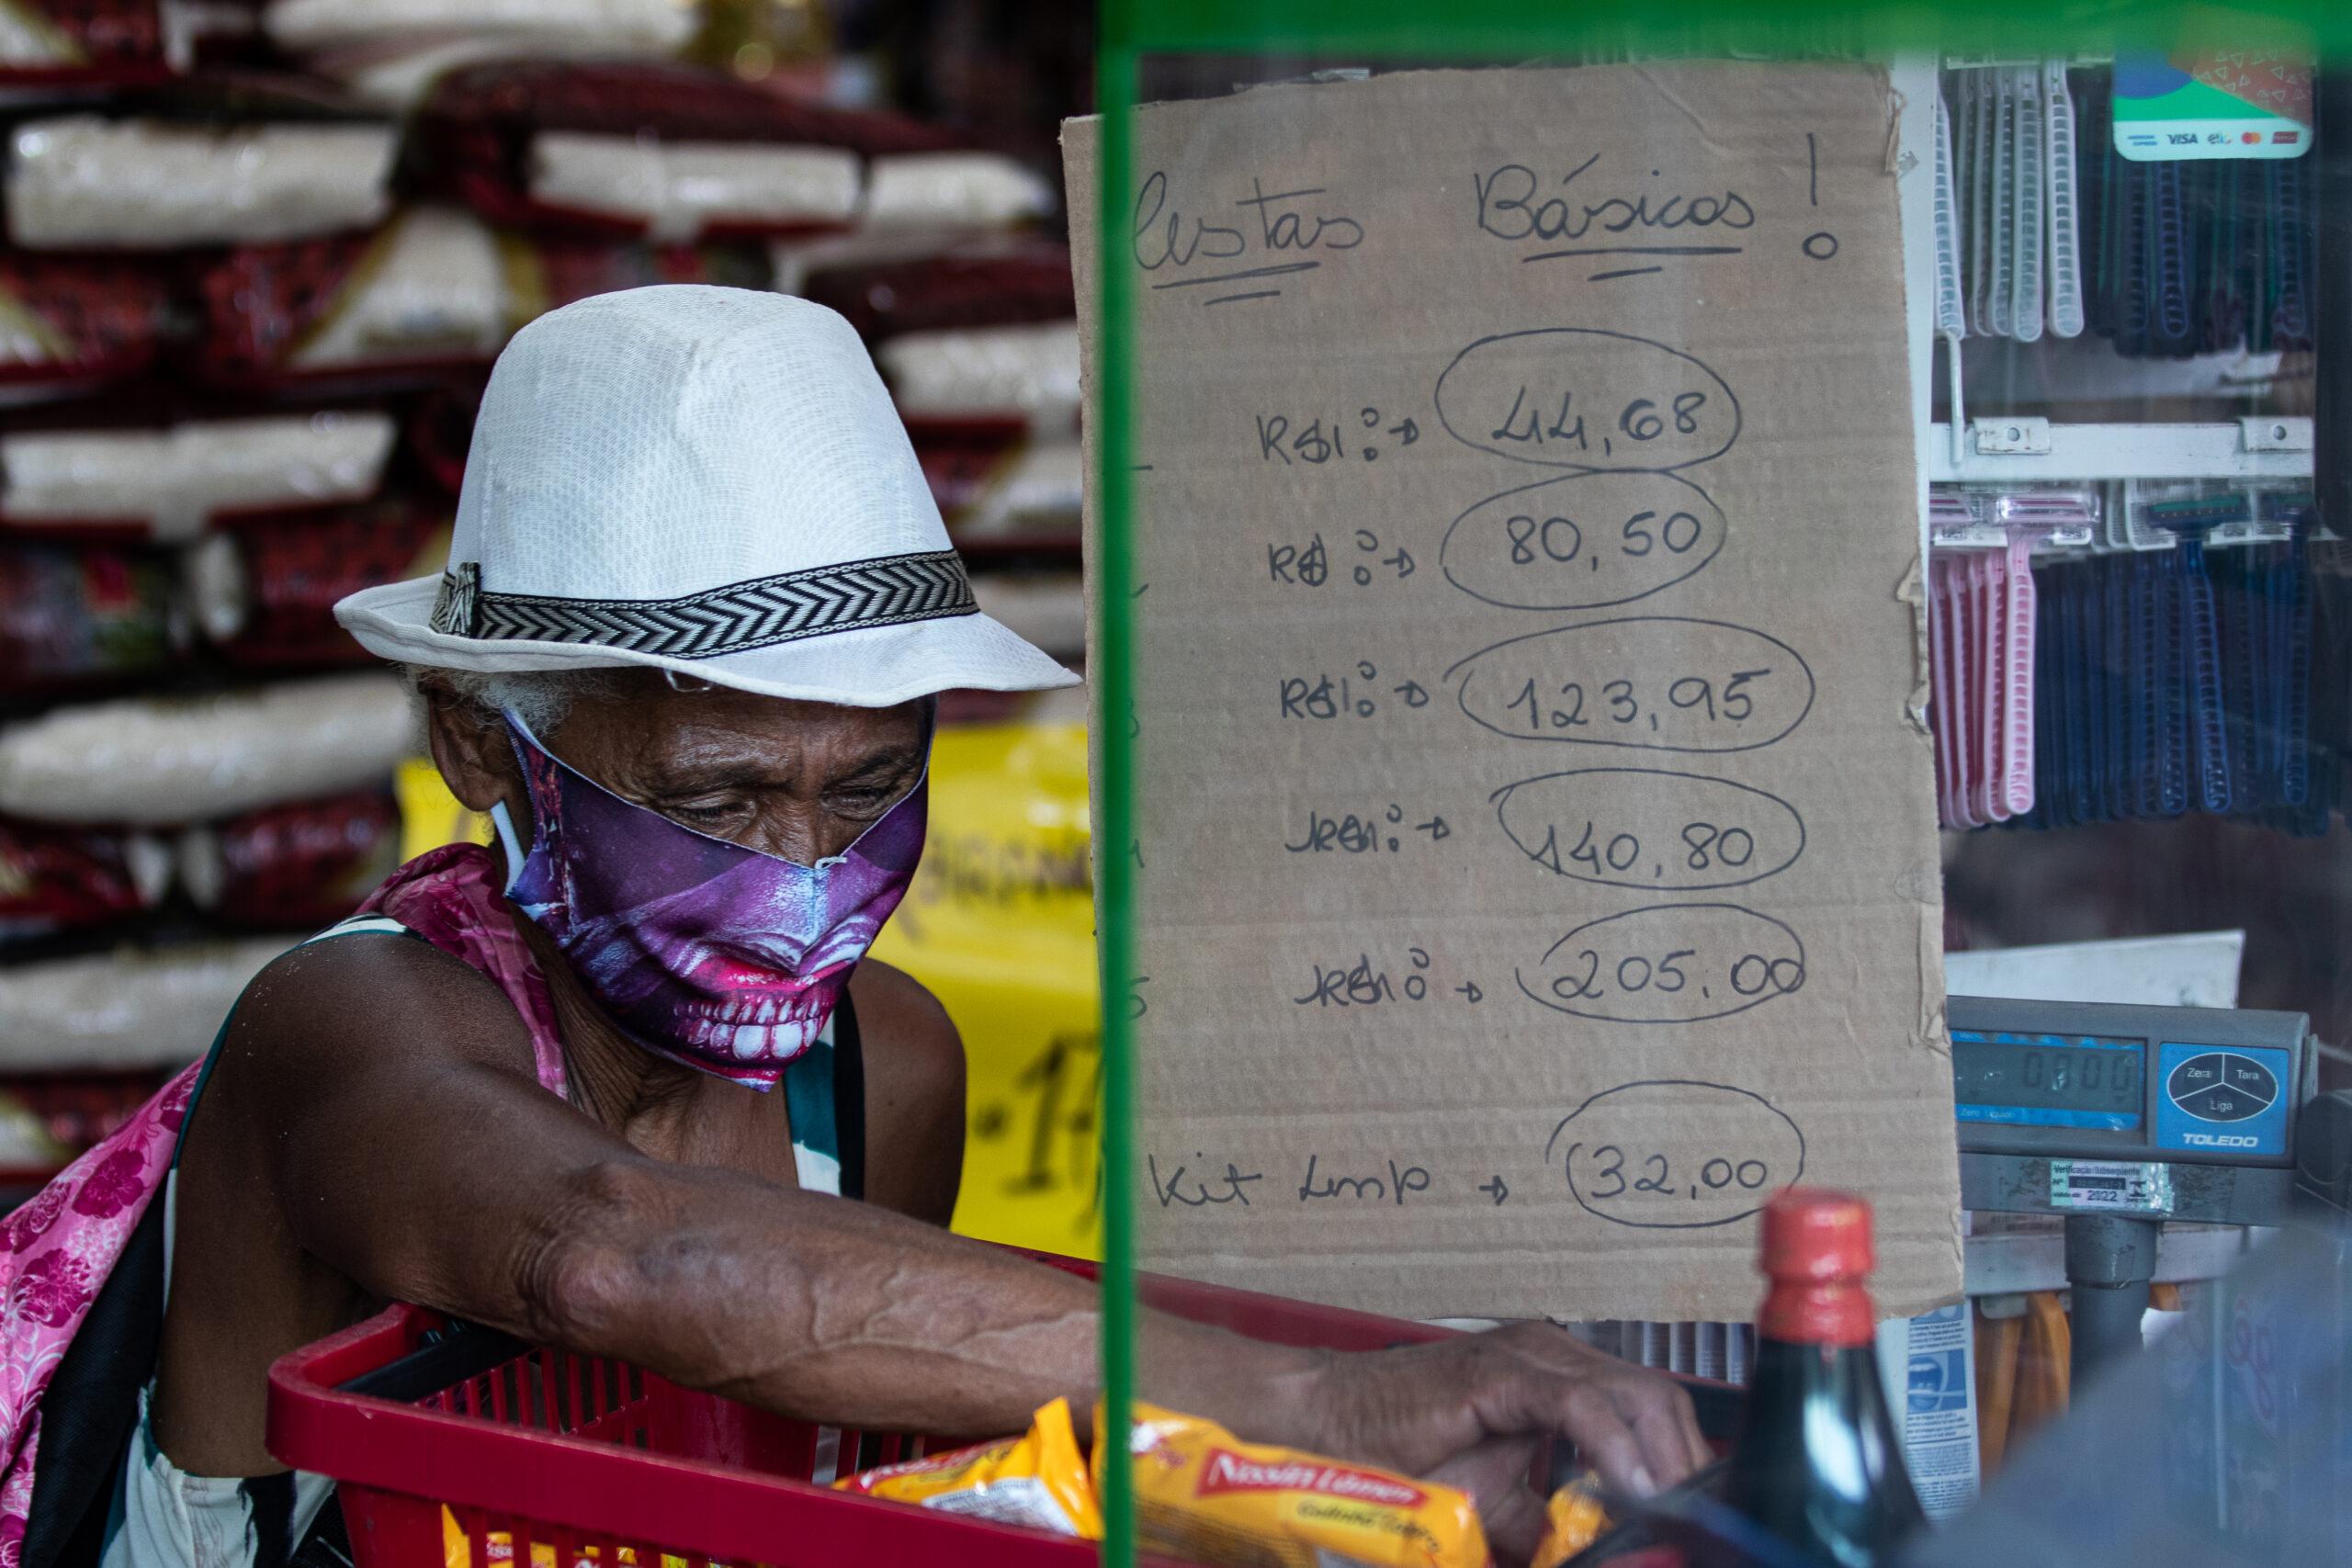 Foto: Matheus Guimarães / Voz das Comunidades